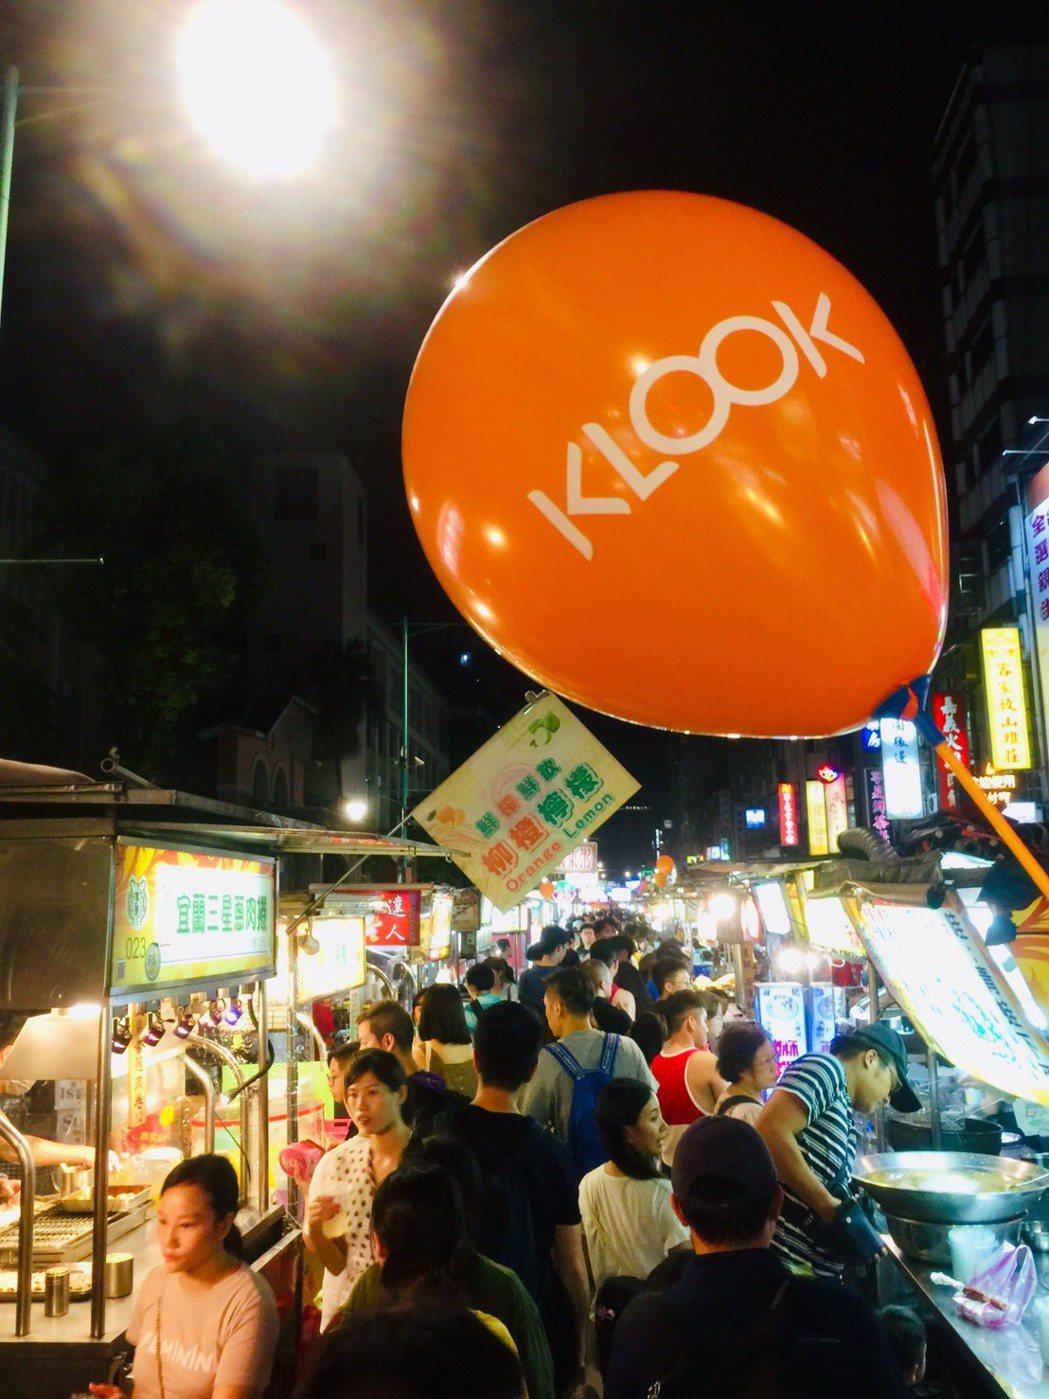 即日起至8月26日推出「KLOOK寧夏美食祭」活動,新舊用戶皆有優惠。圖/KLO...